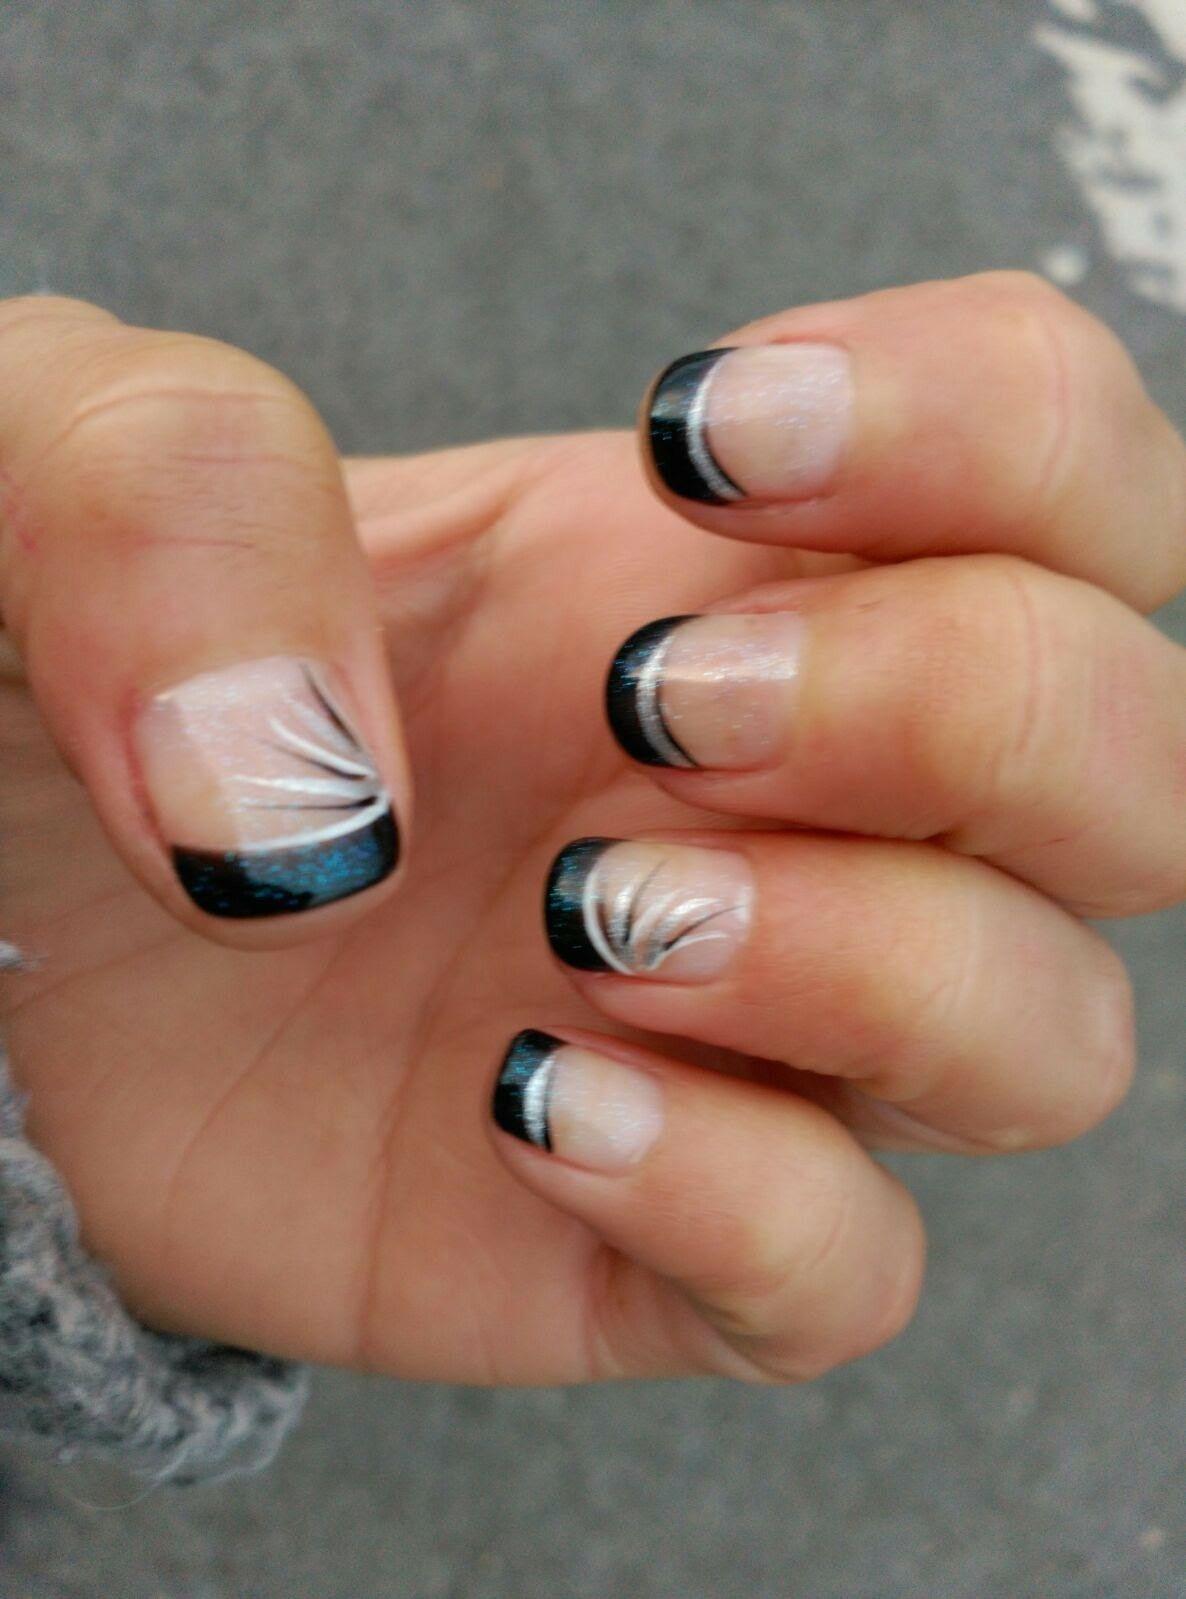 Elegantes uñas en francesa negra. Lima\'s Barakaldo | Uñas perfectas ...